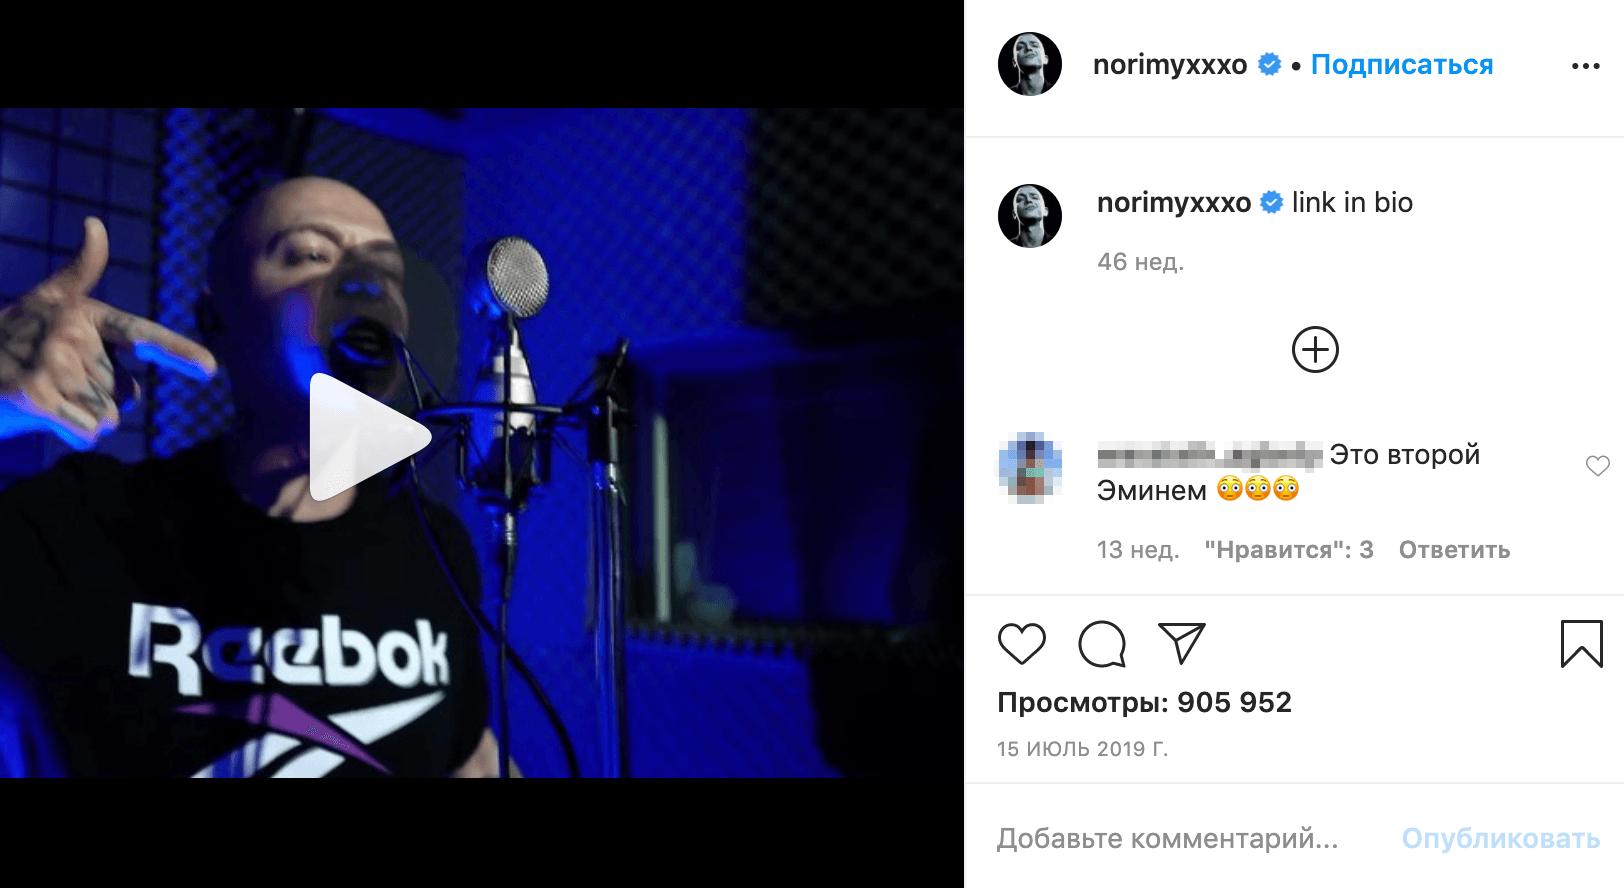 Оксимирон записывает трек в футболке от Reebok, он амбассадор этого бренда. Ощущение, что в этом посте нет рекламы и будто рэпер действительно так одевается в обычной жизни